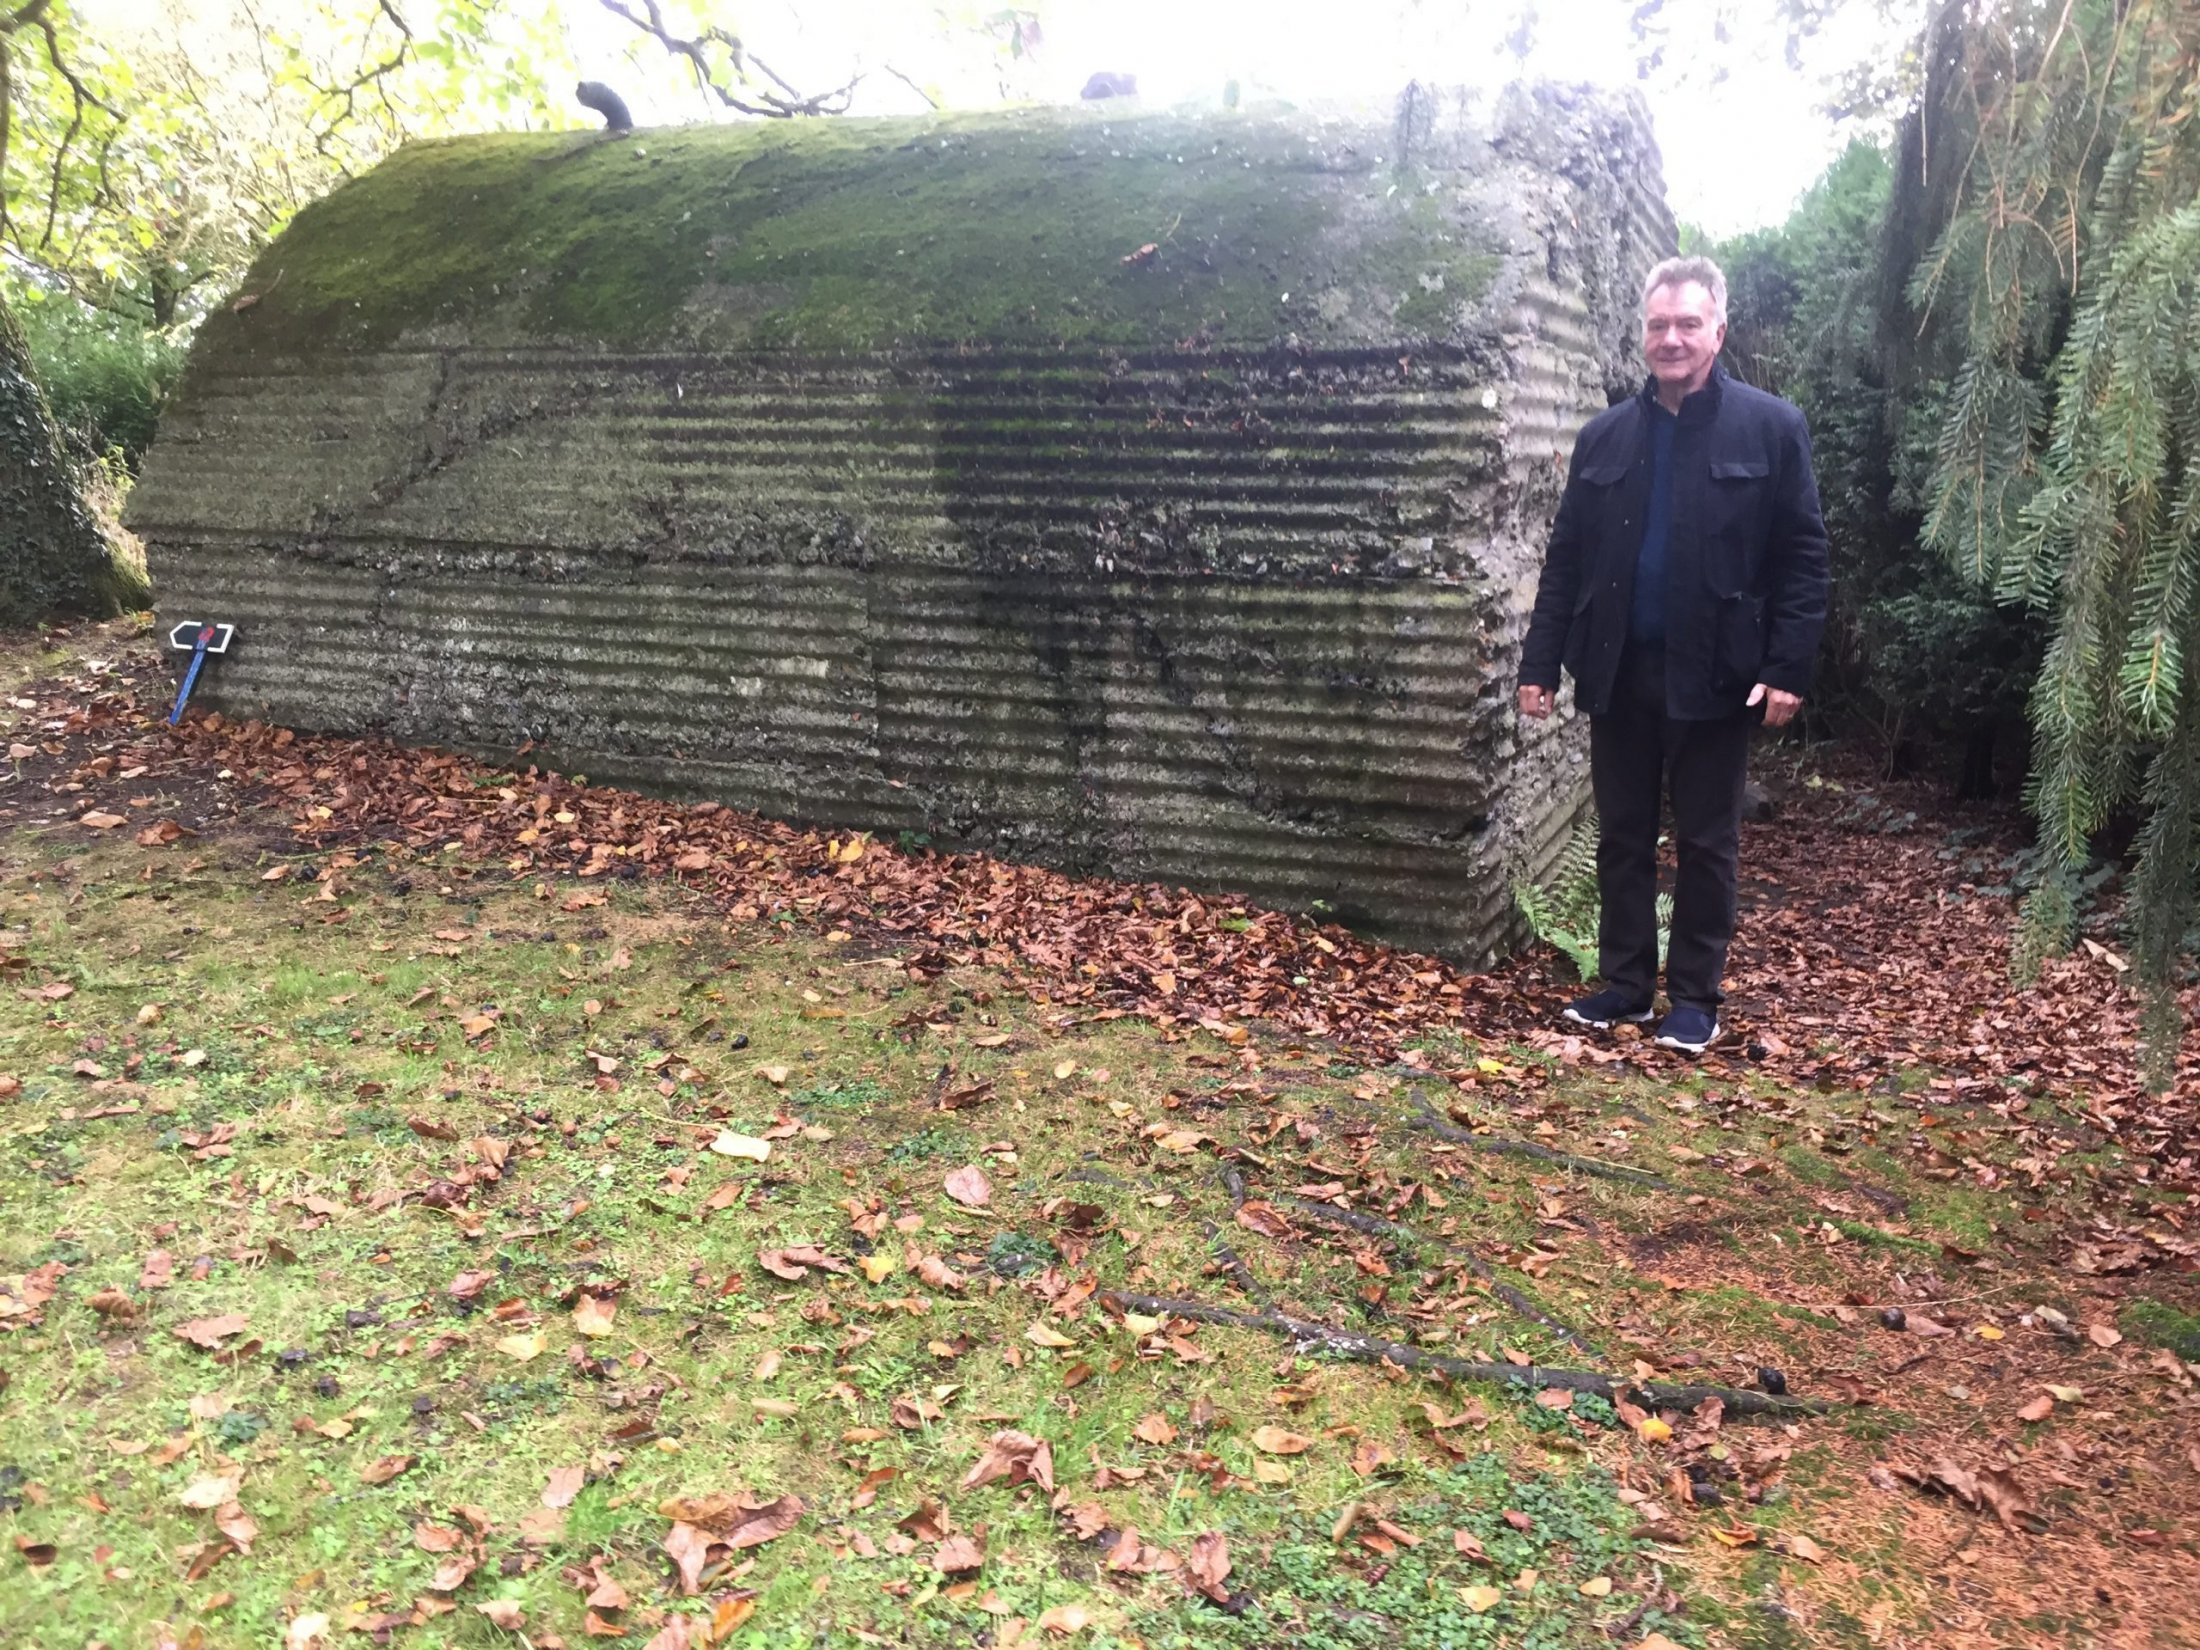 Steve by Bunker entrance